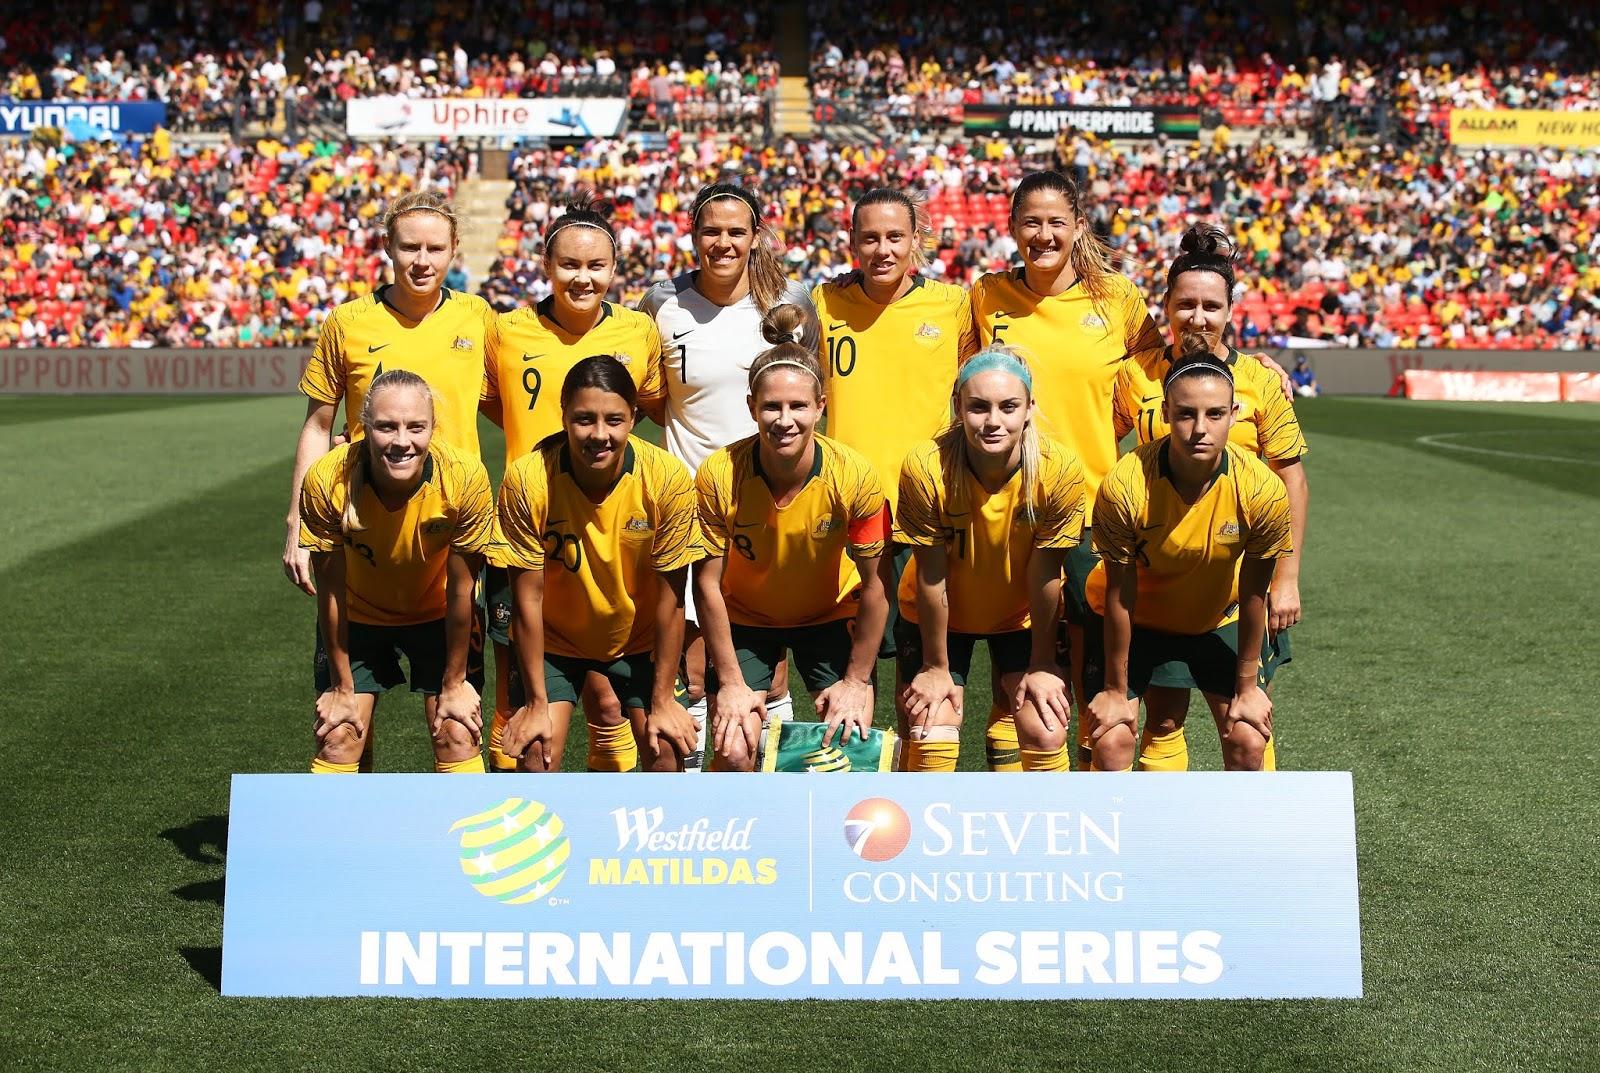 Formación de selección femenina de Australia ante Chile, amistoso disputado el 10 de noviembre de 2018